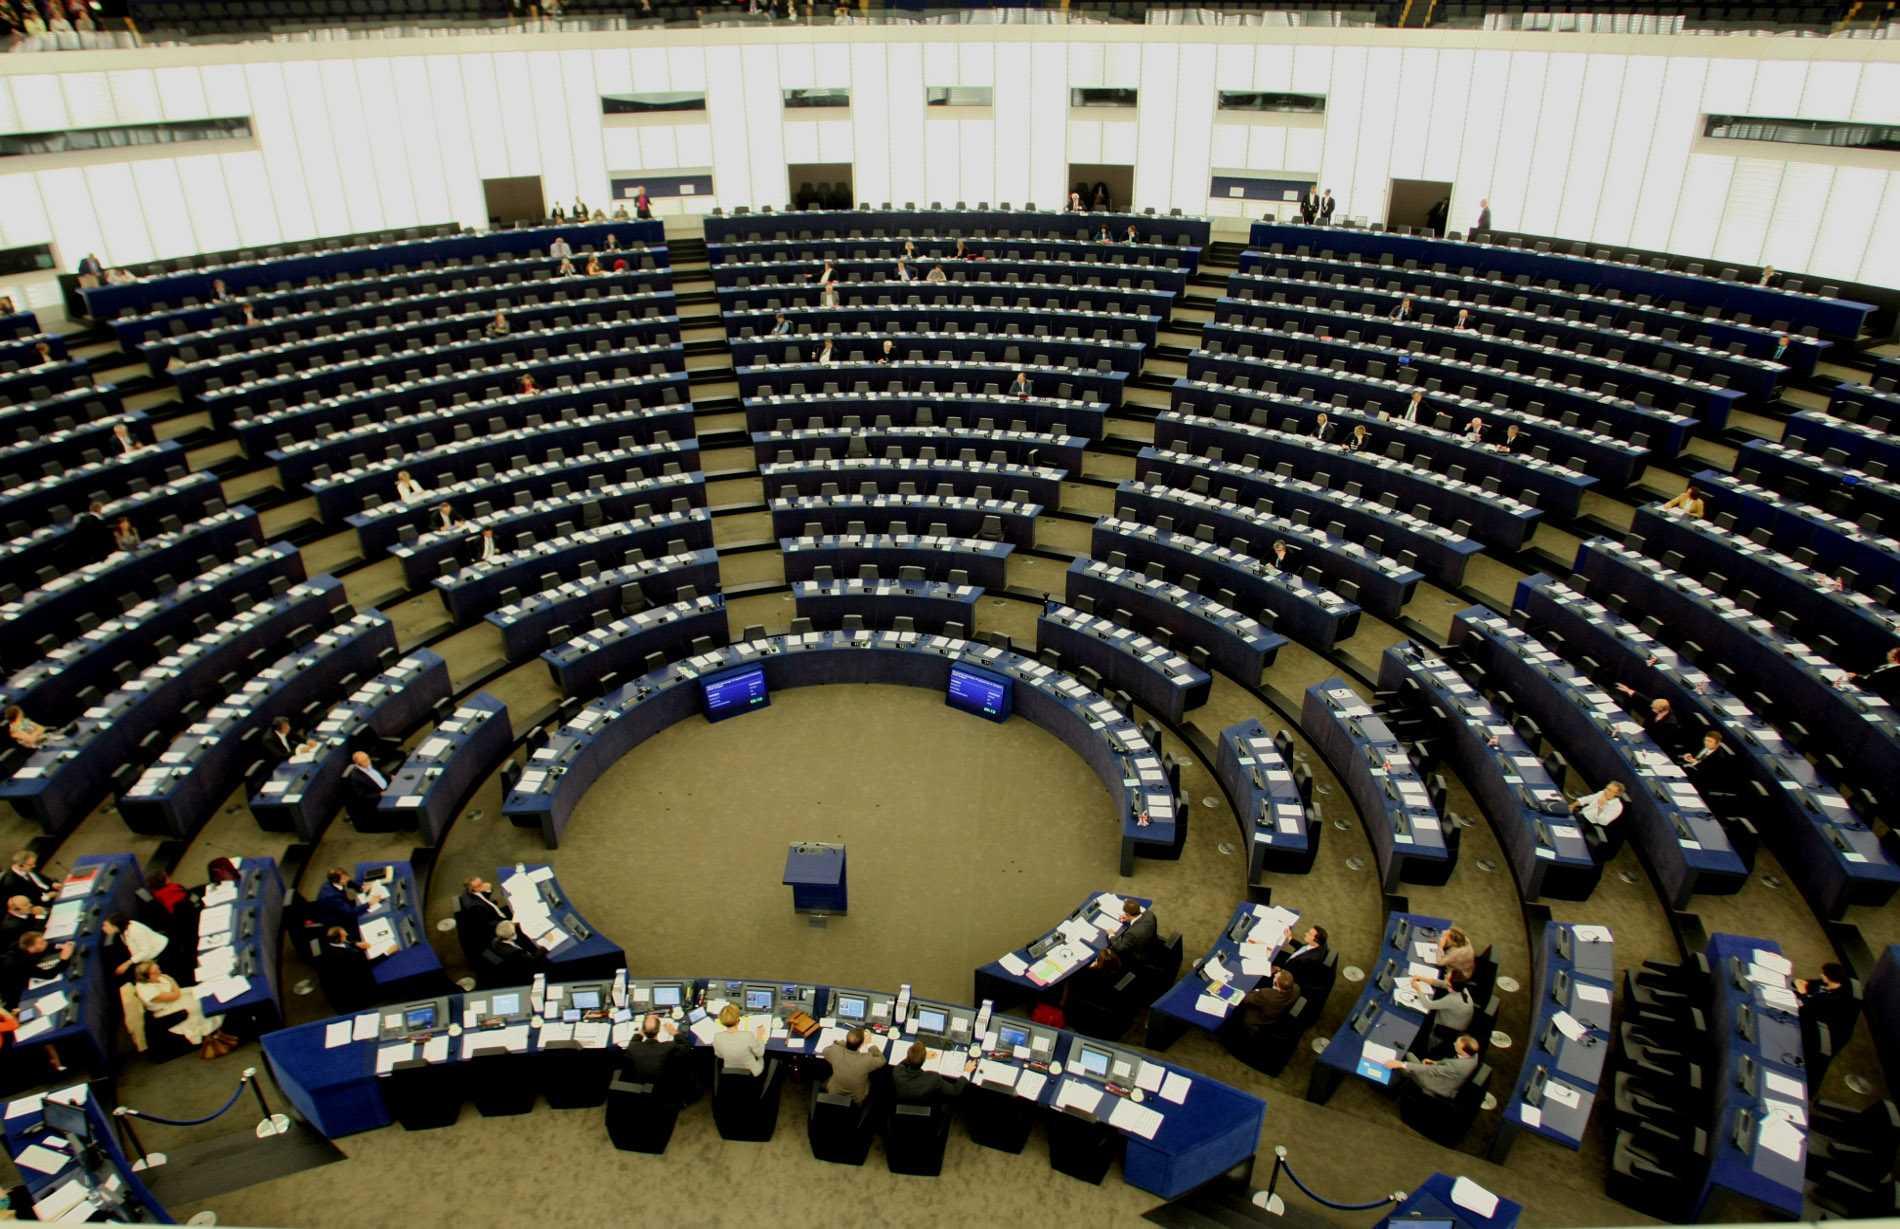 Προϋπολογισμός επενδύσεων ΕΕ 2020: ενίσχυση της προστασίας του κλίματος